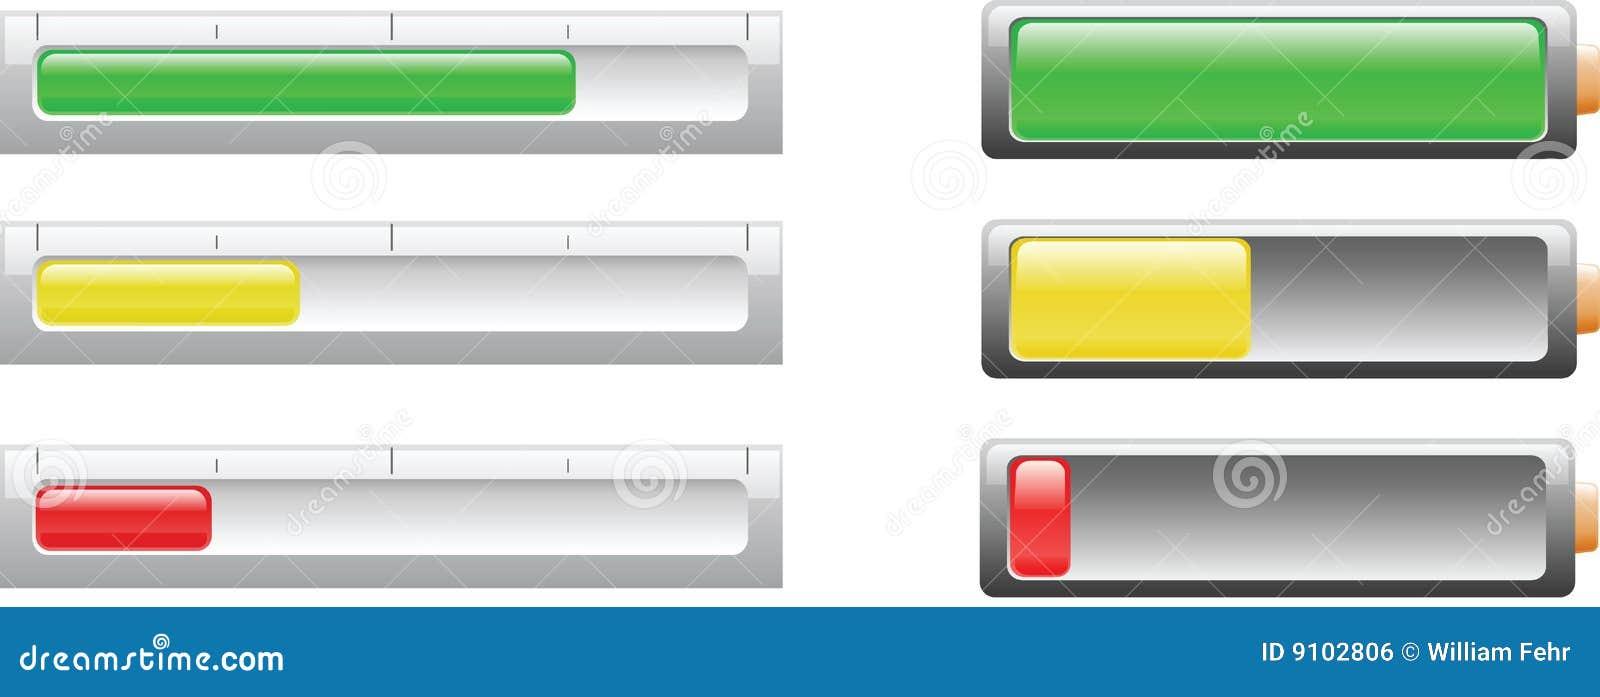 Indicicators del nivel de la batería o de potencia